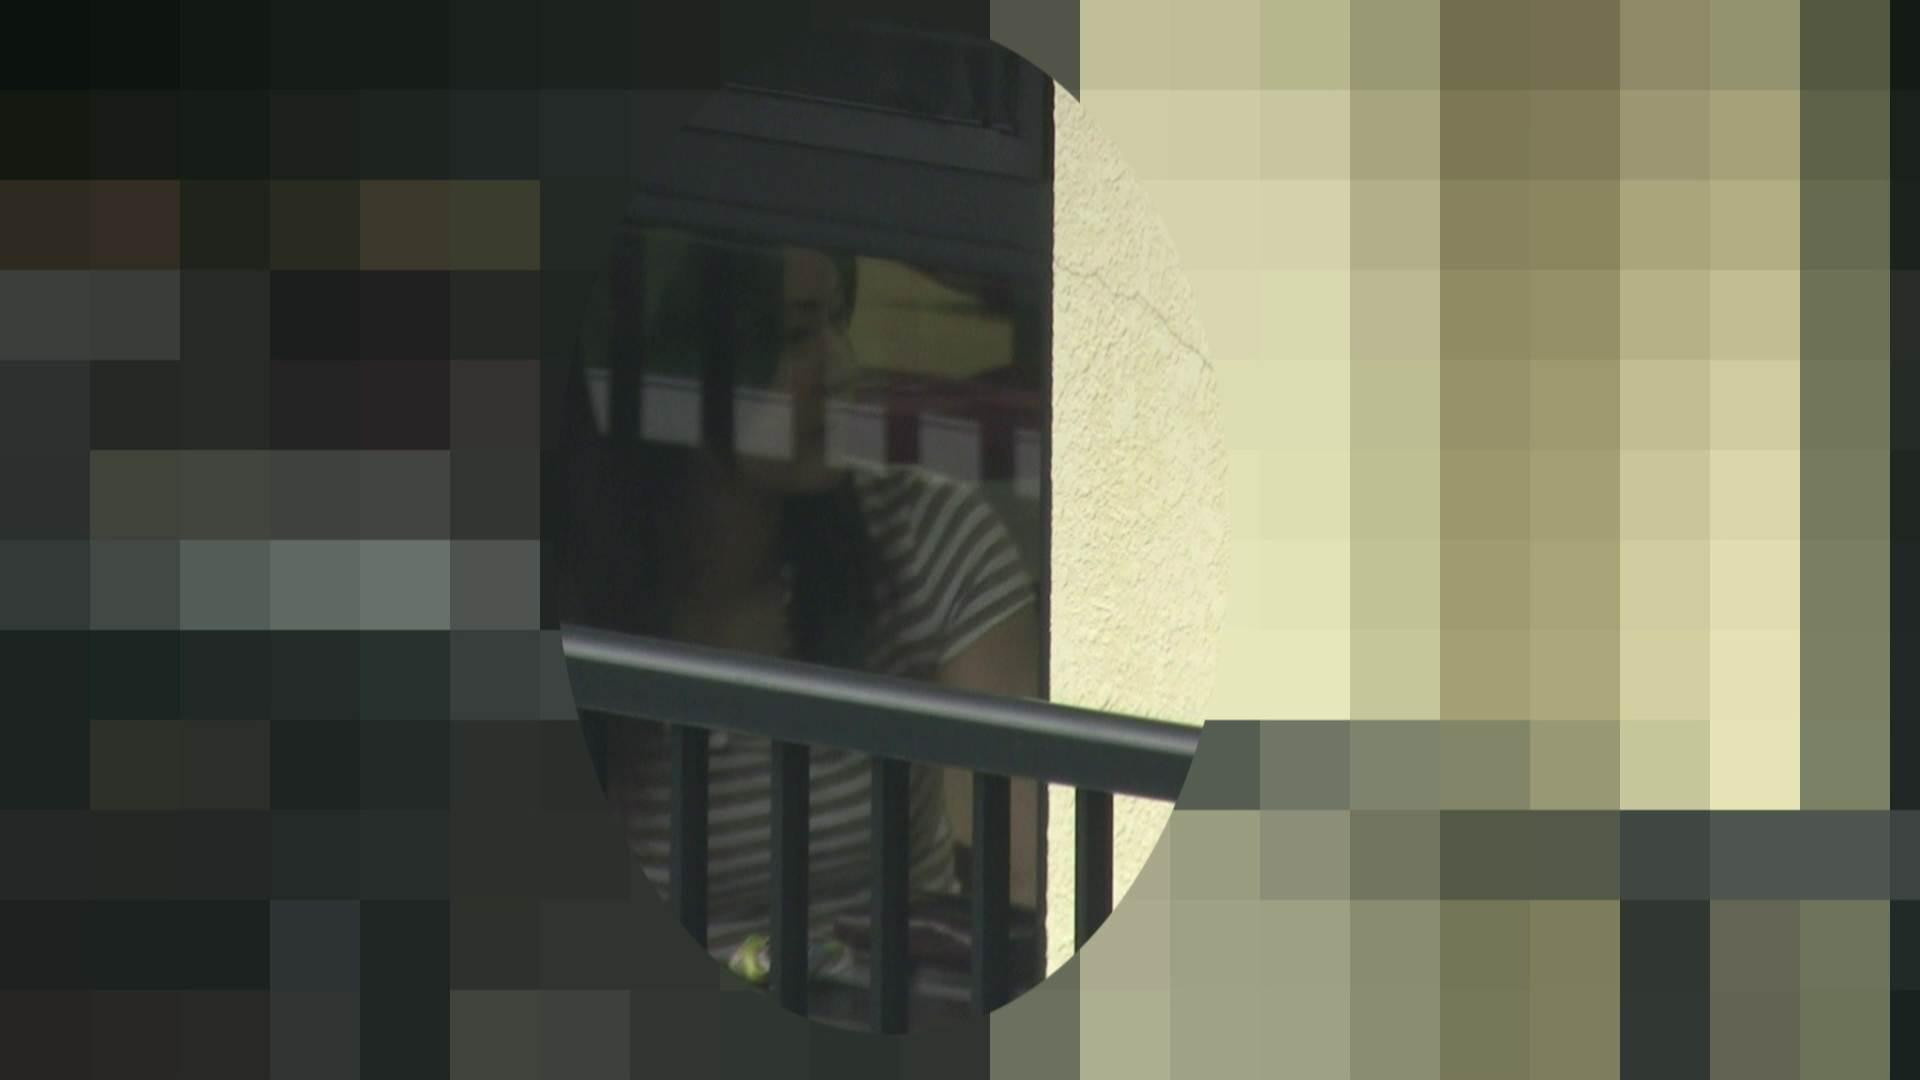 高画質露天女風呂観察 vol.032 露天 ワレメ動画紹介 98枚 79